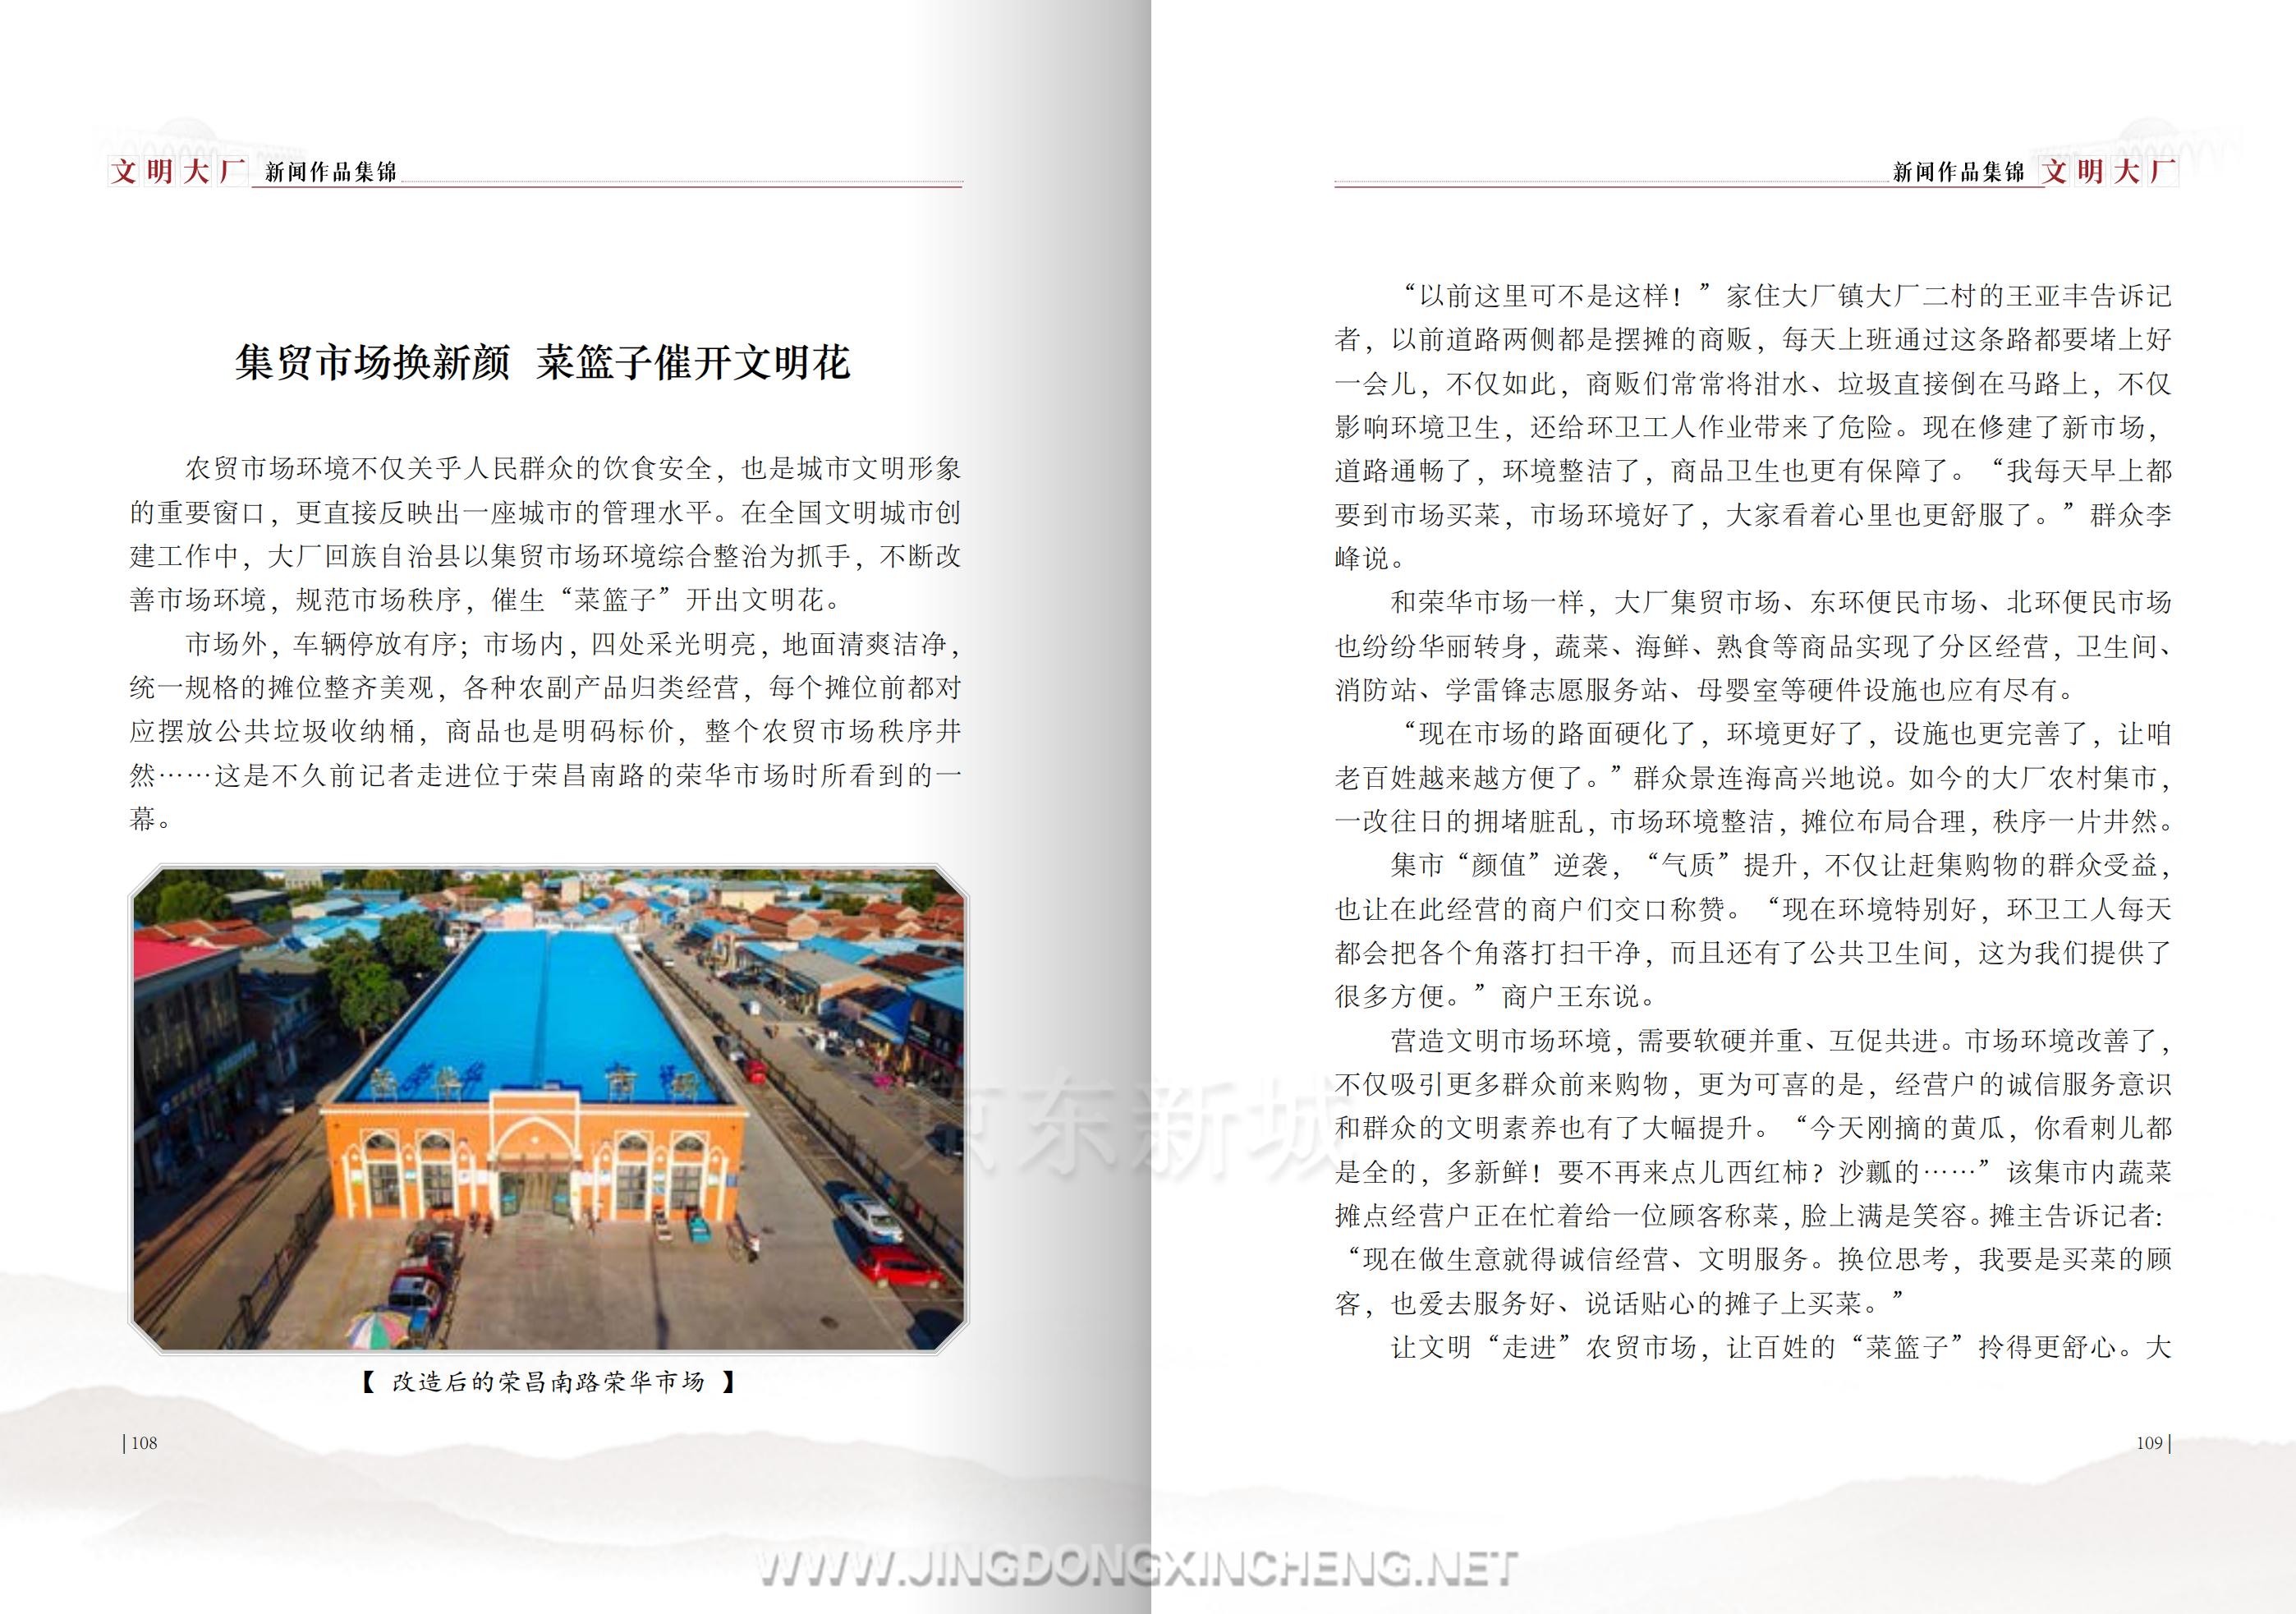 文明大厂书籍-定稿-上传版_58.png